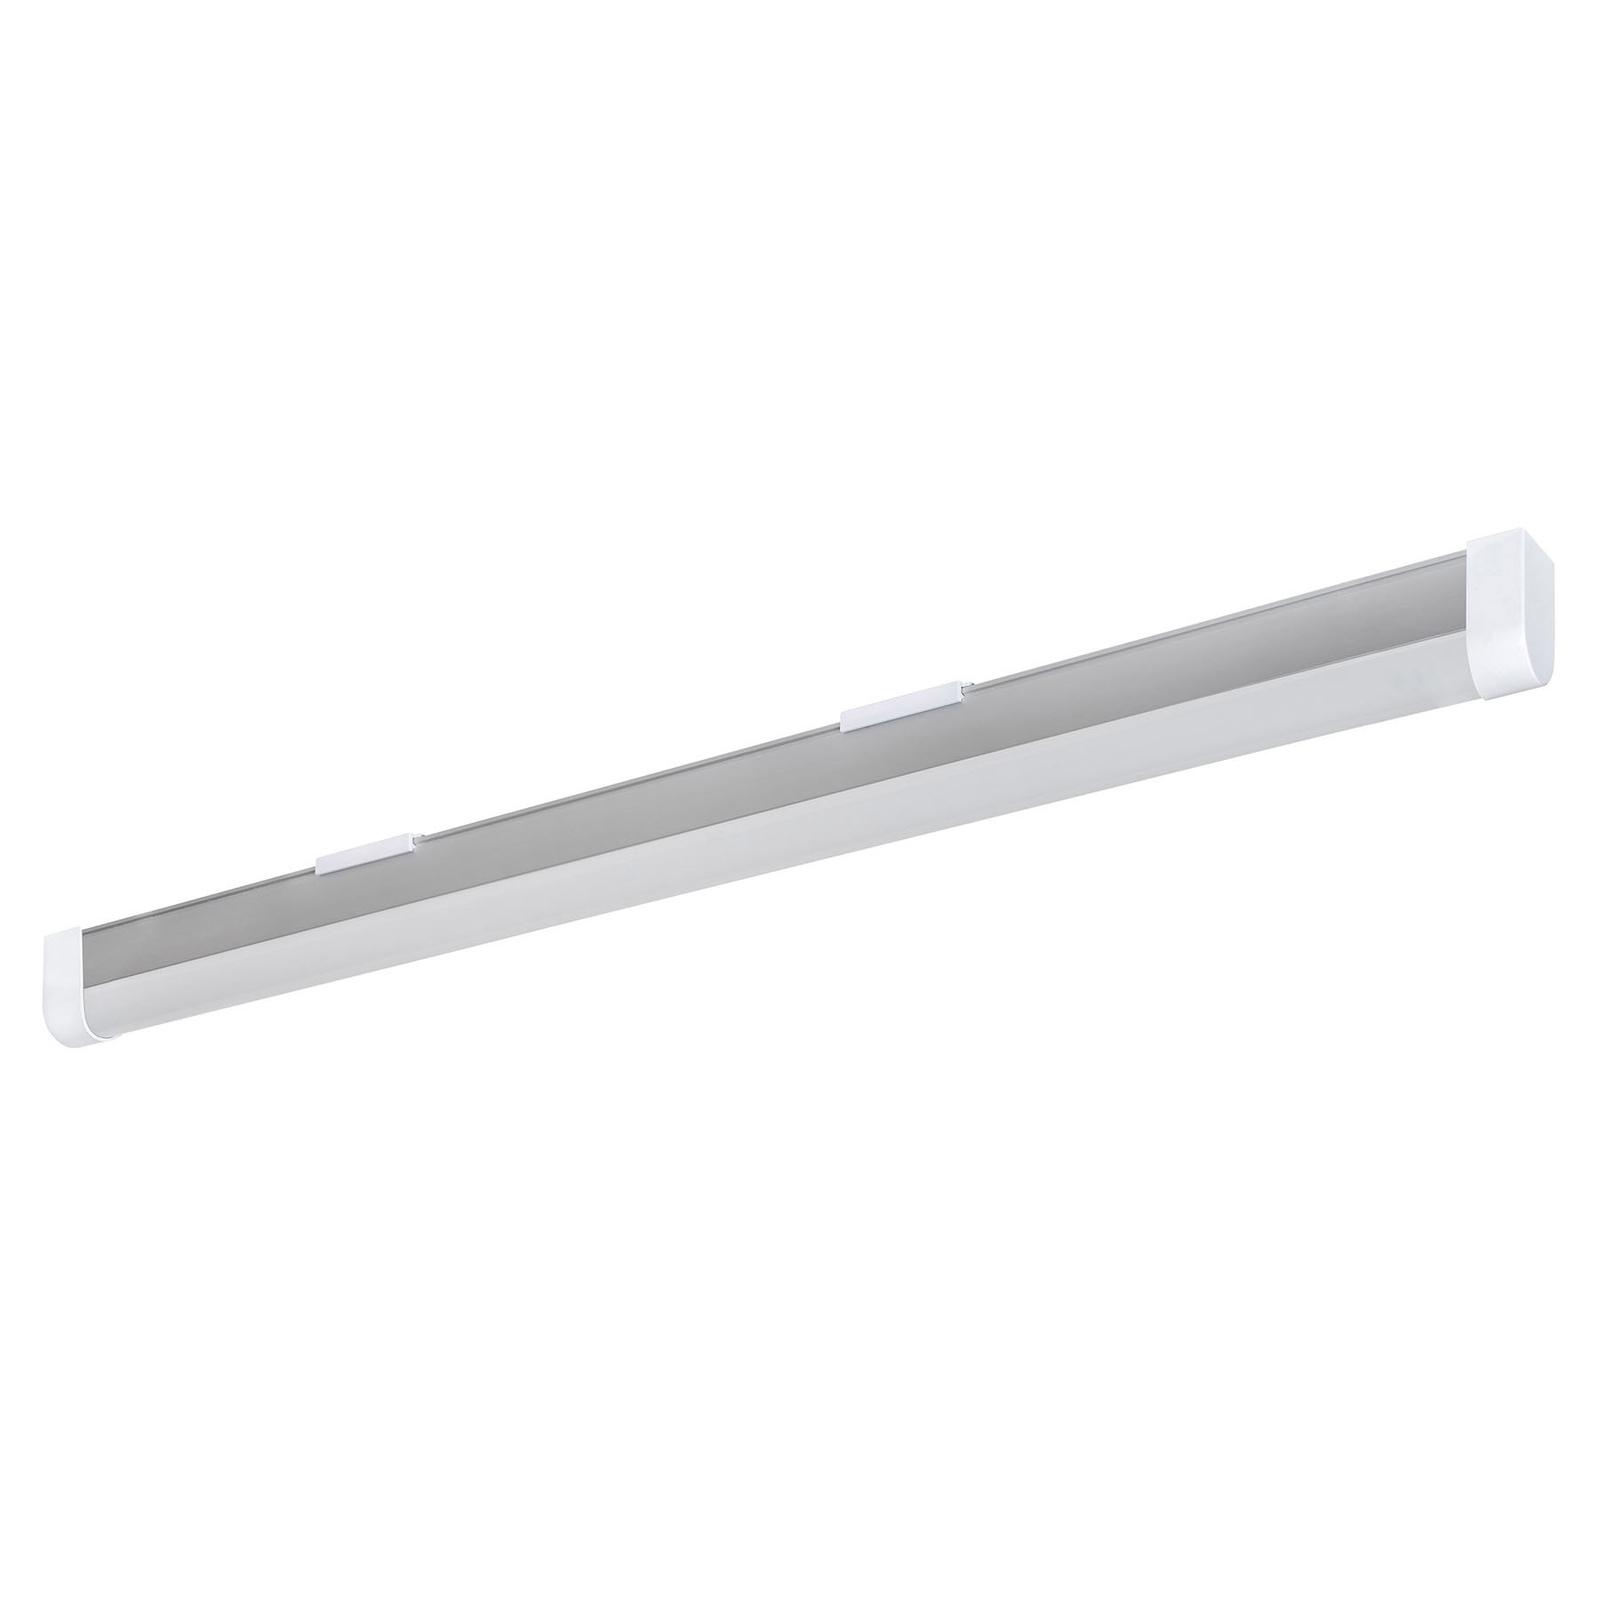 Müller Licht Ecoline 60 LED stropní světlo